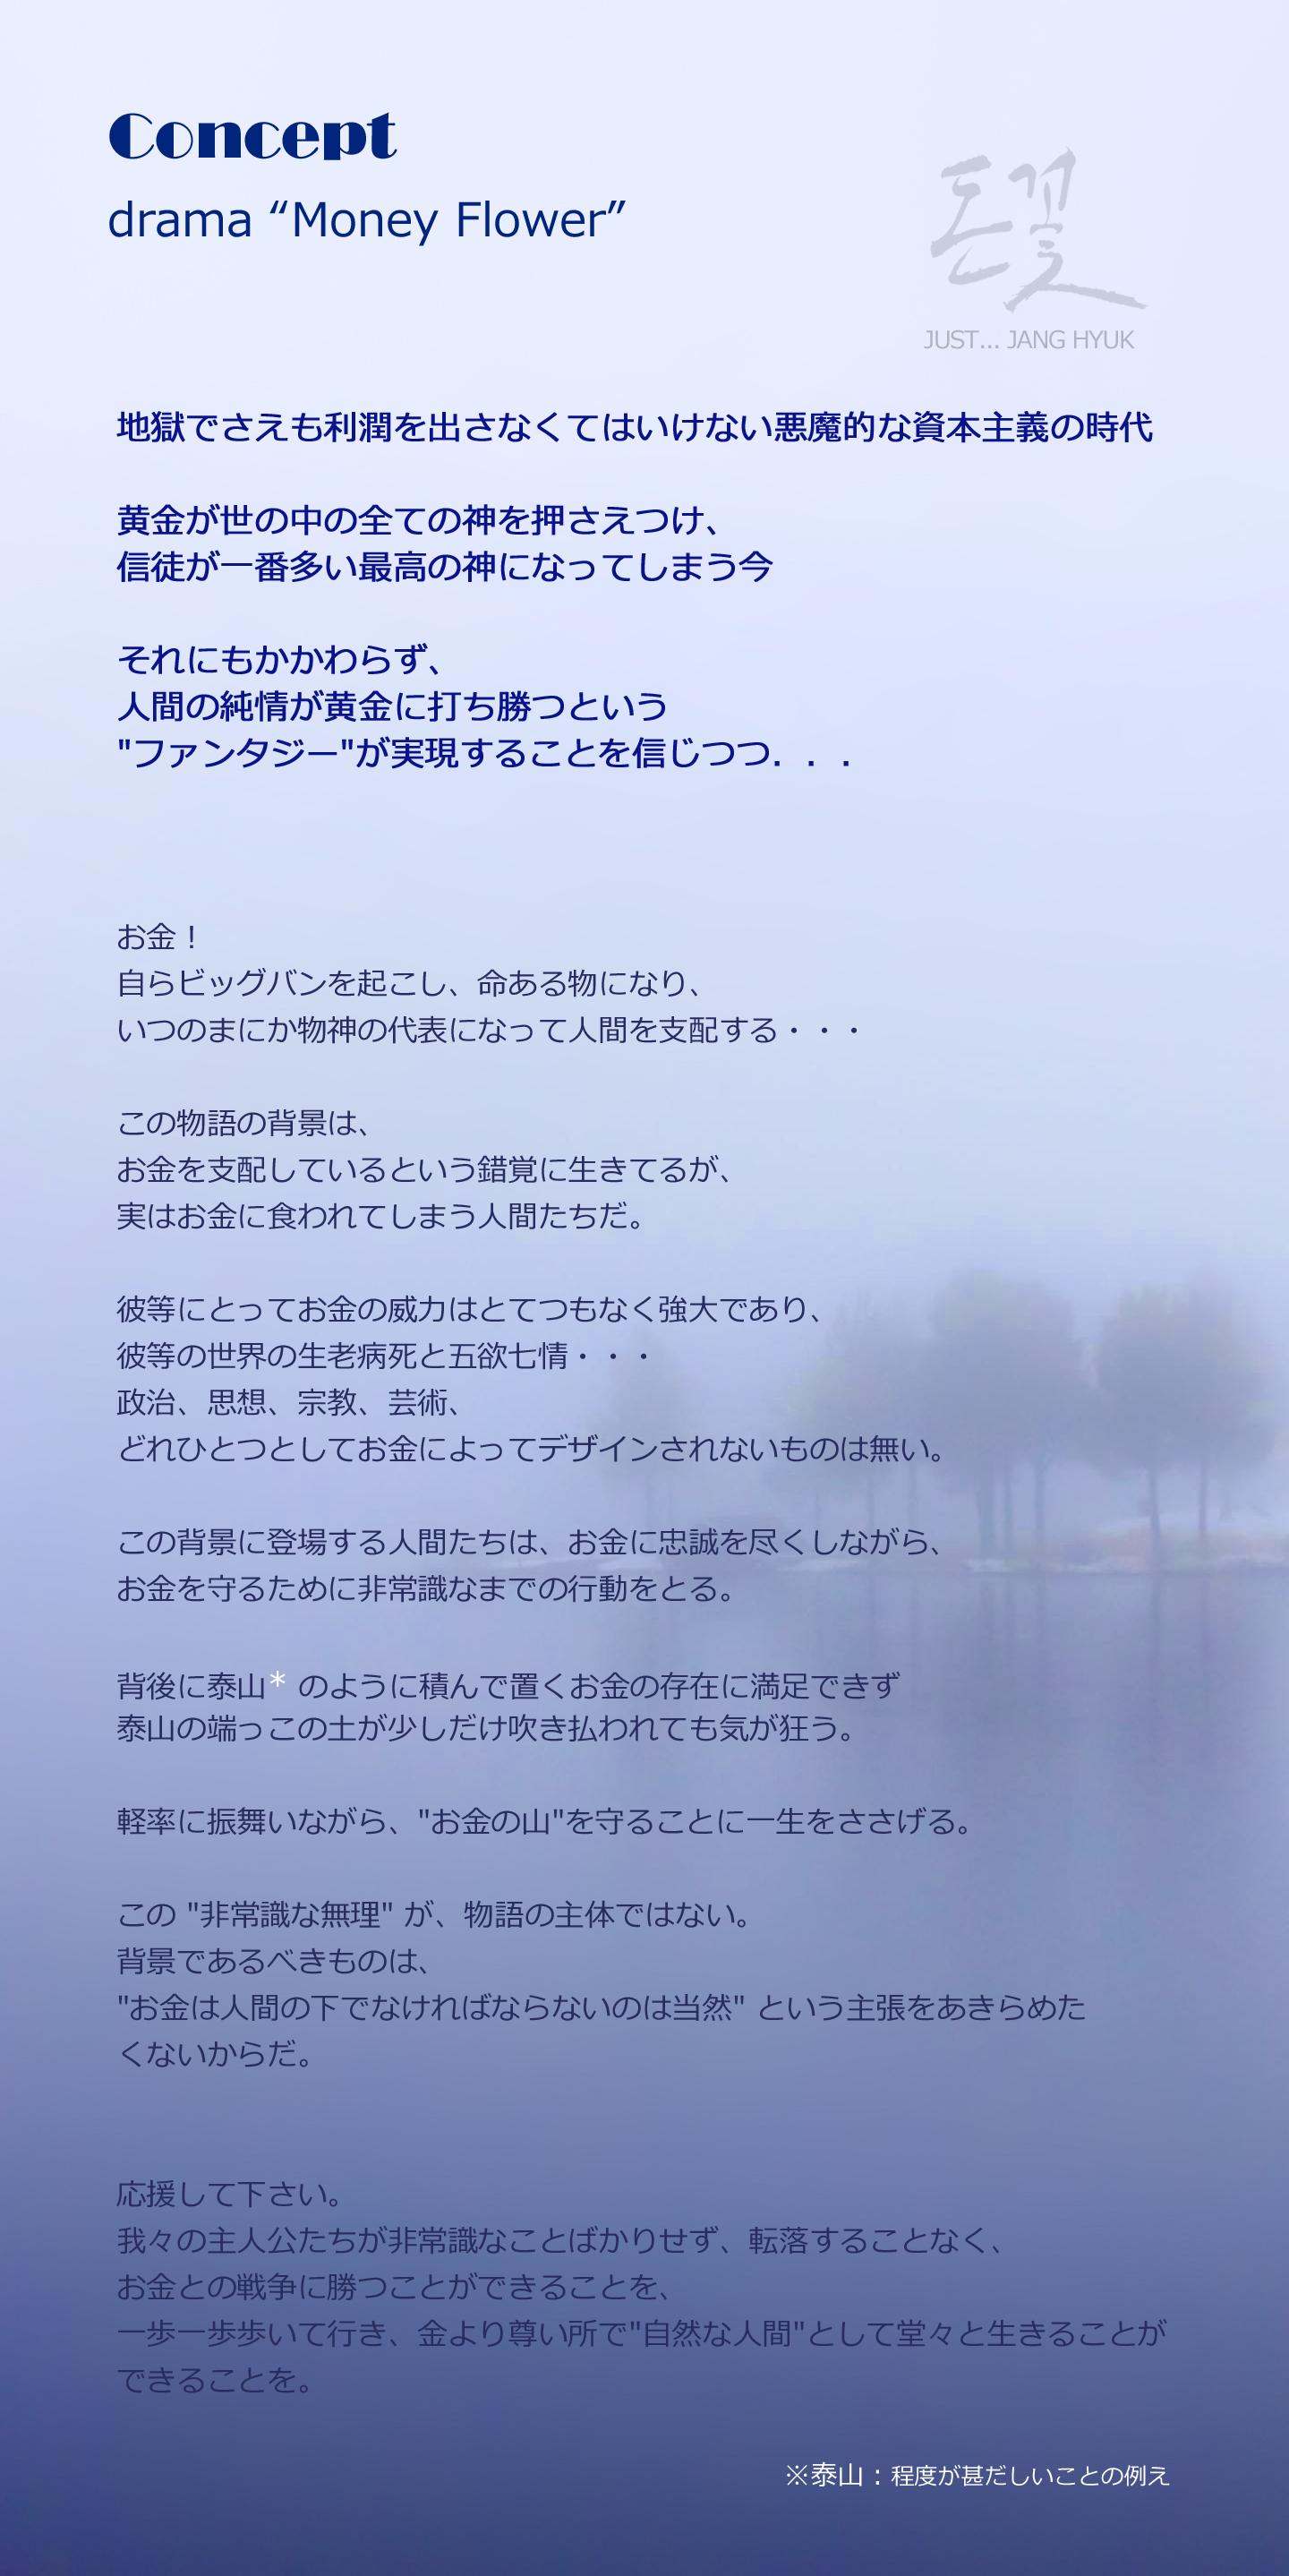 企画意図 翻訳